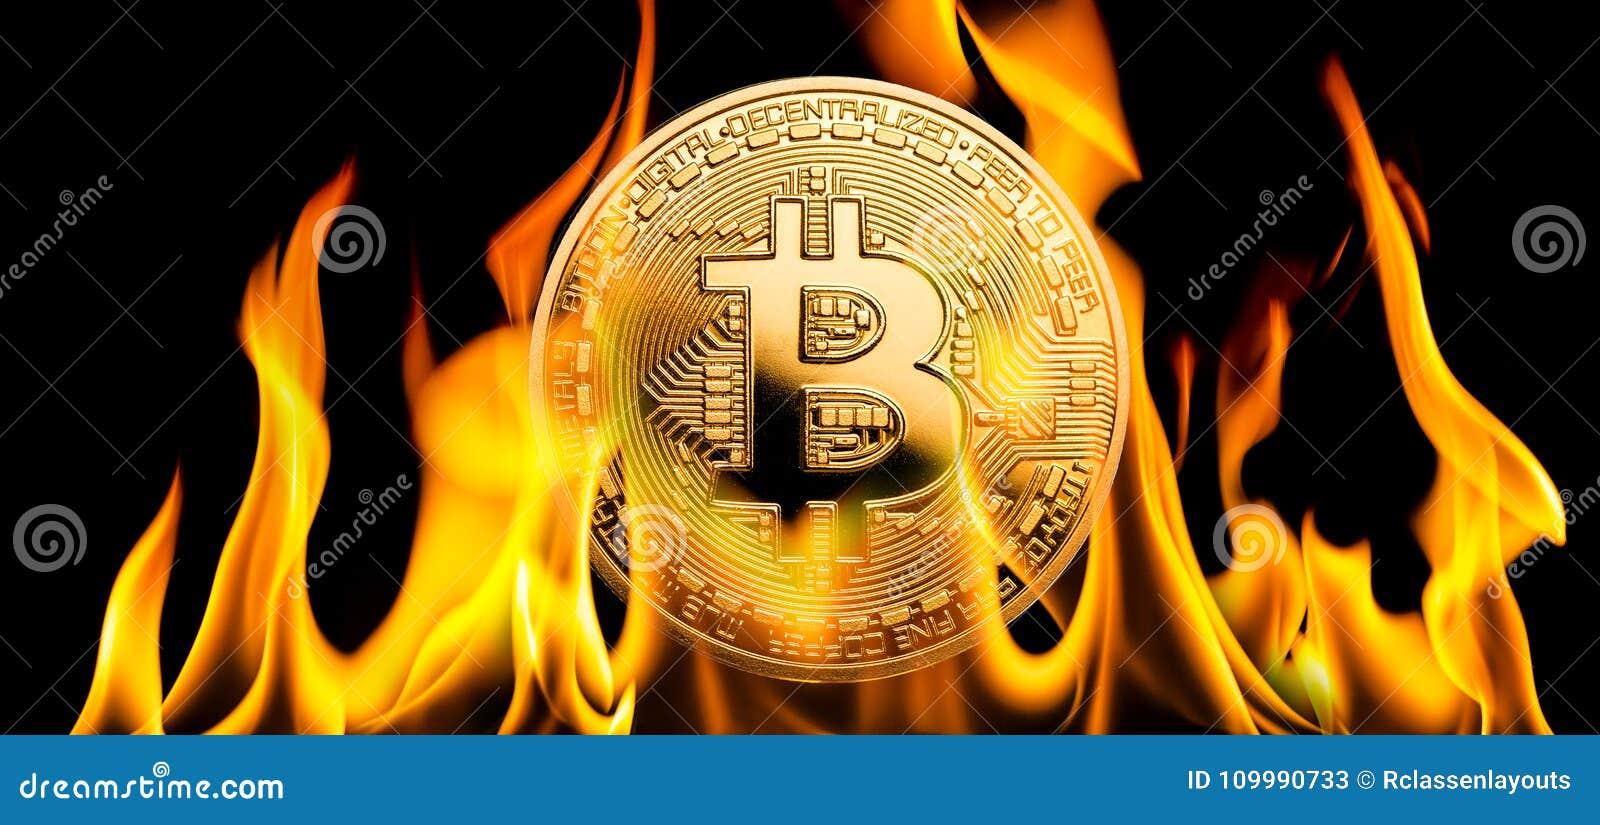 Bitcoin - BTC cryptocurrency pieniądze palenie w płomieniach